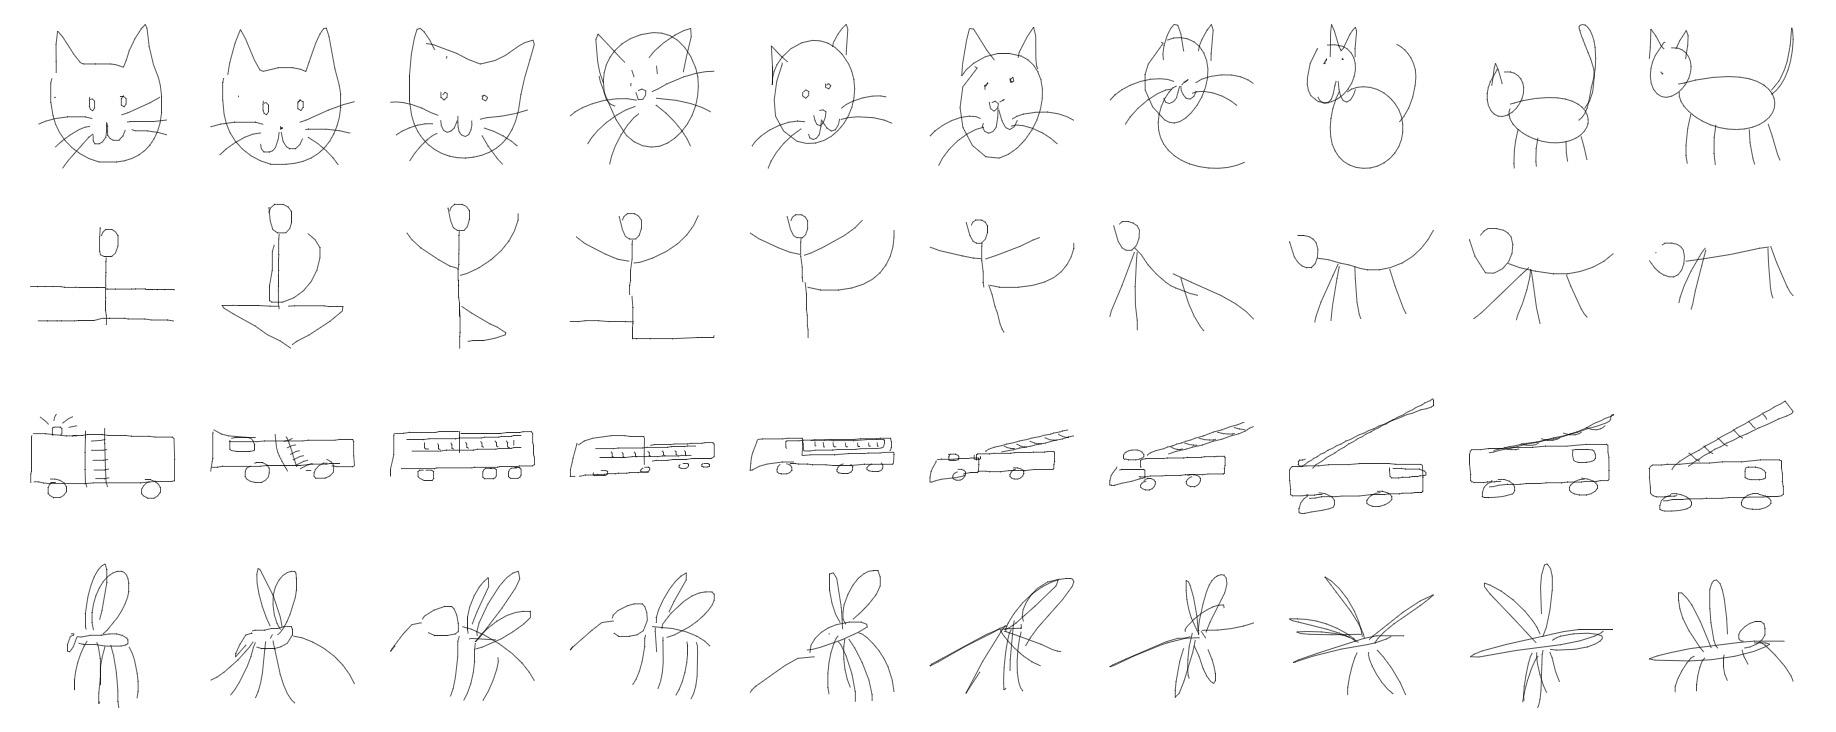 sketch_rnn